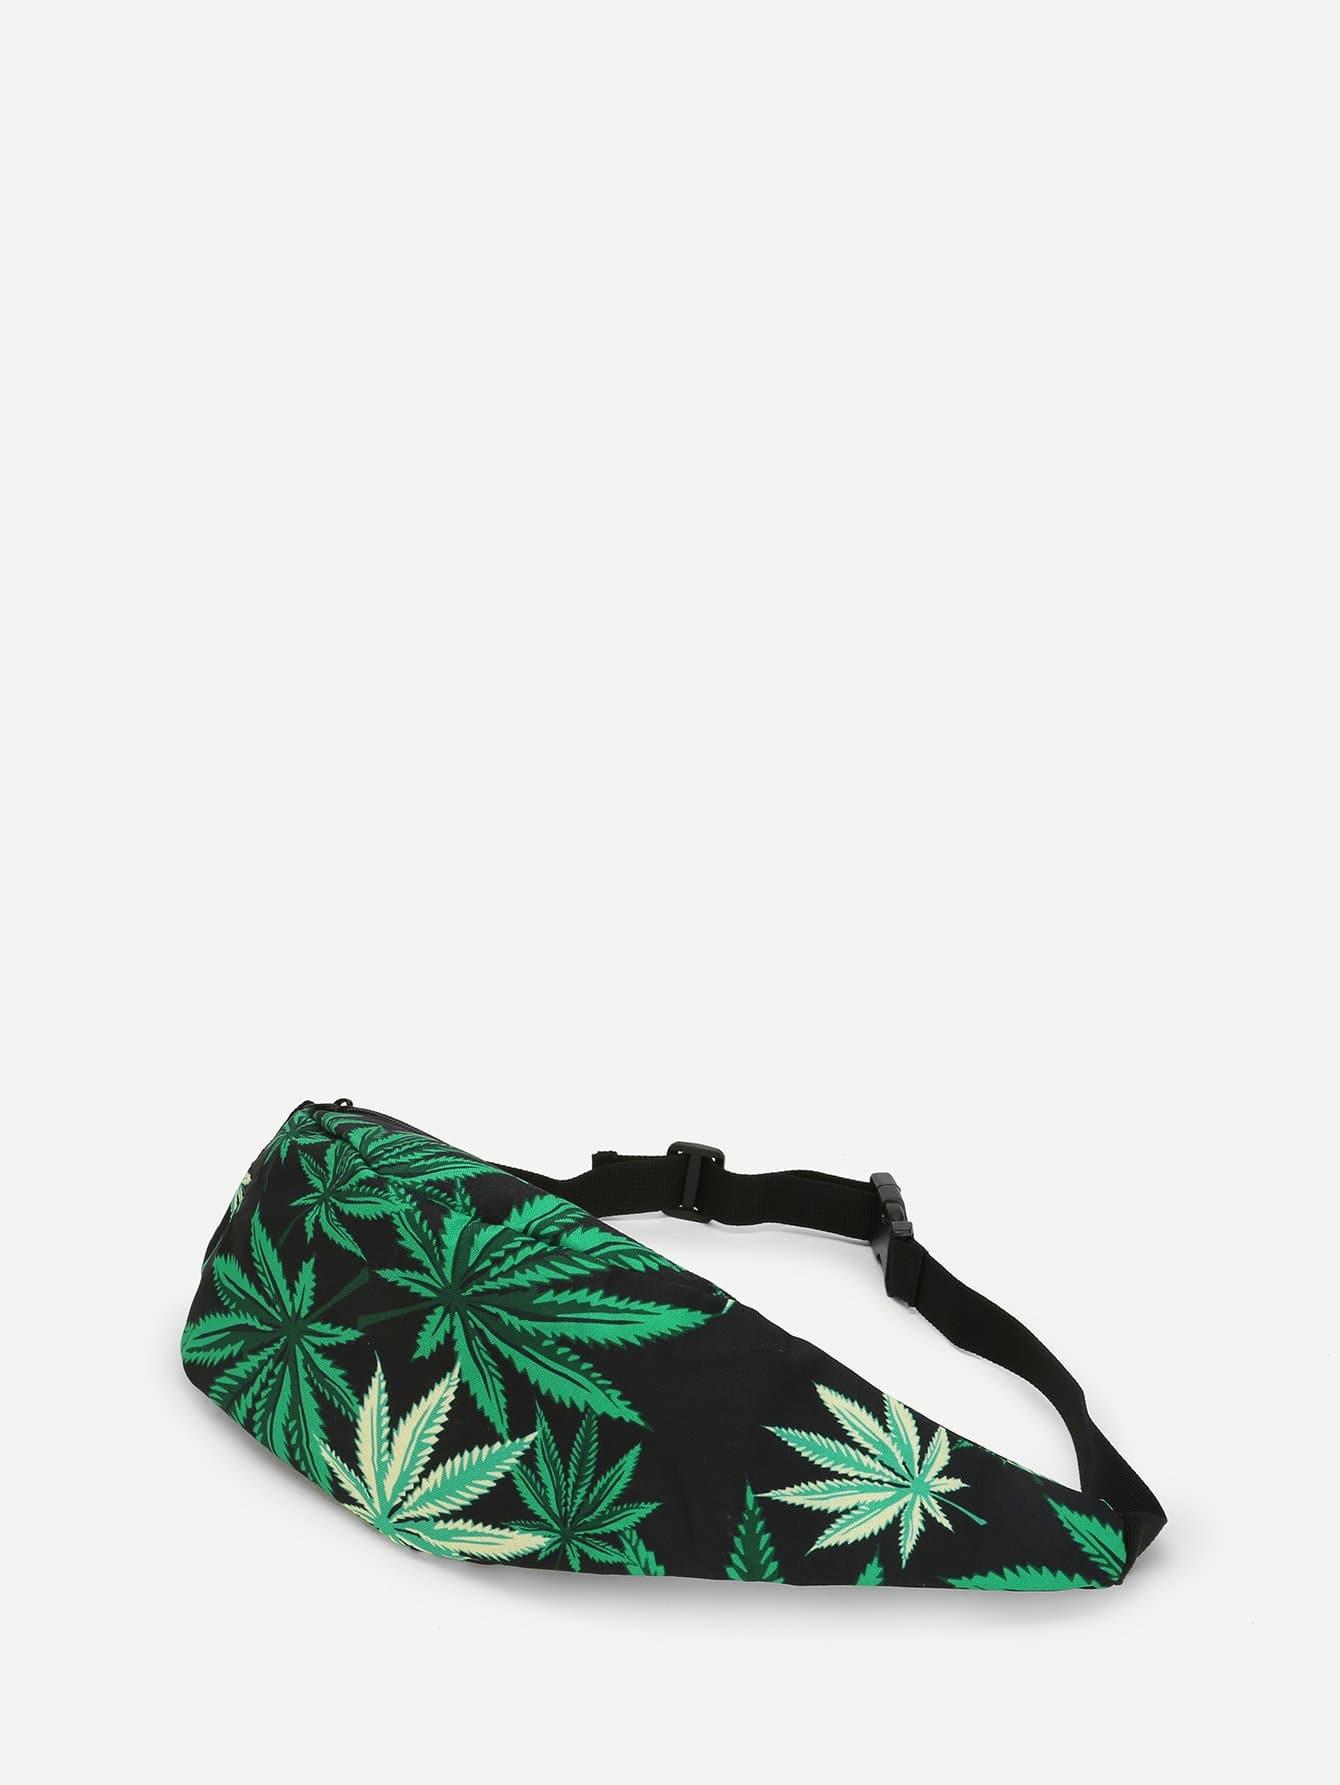 Marijuana Weed Bum Bag growing medical marijuana securely and legally